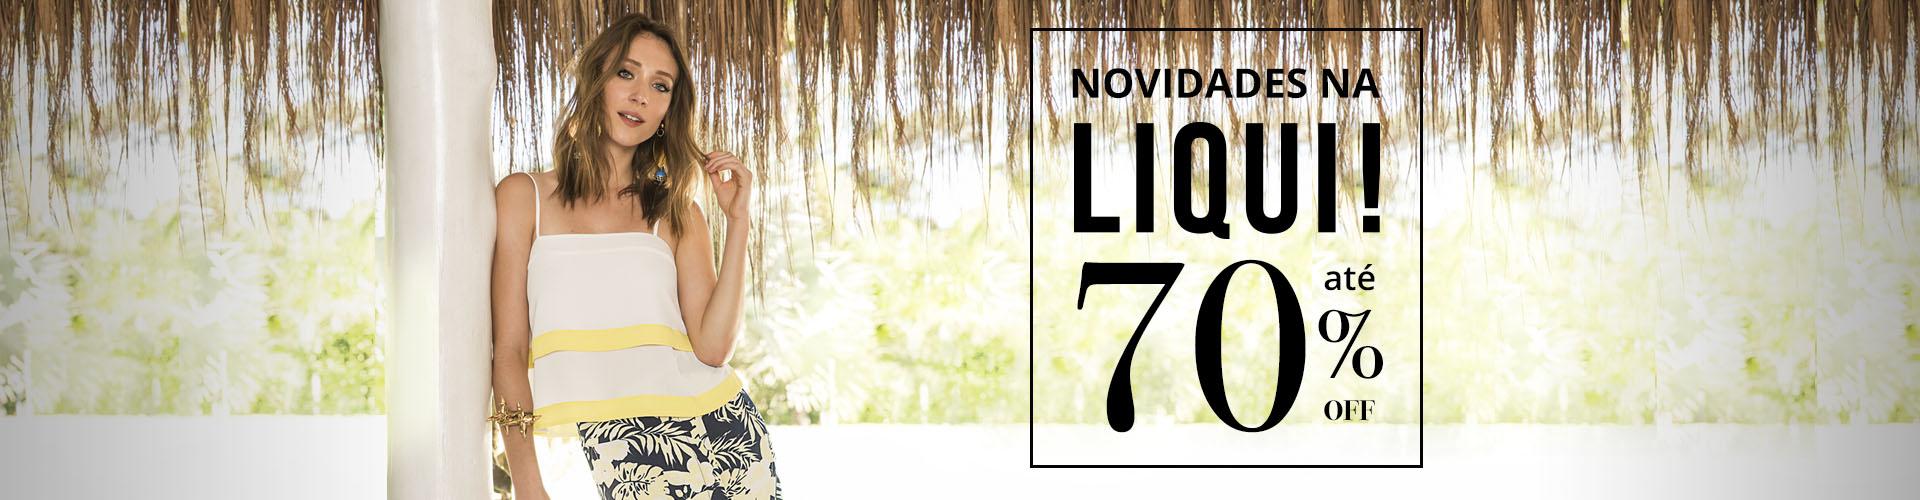 LIQUI VERAO 2017 - COLEÇÃO 26